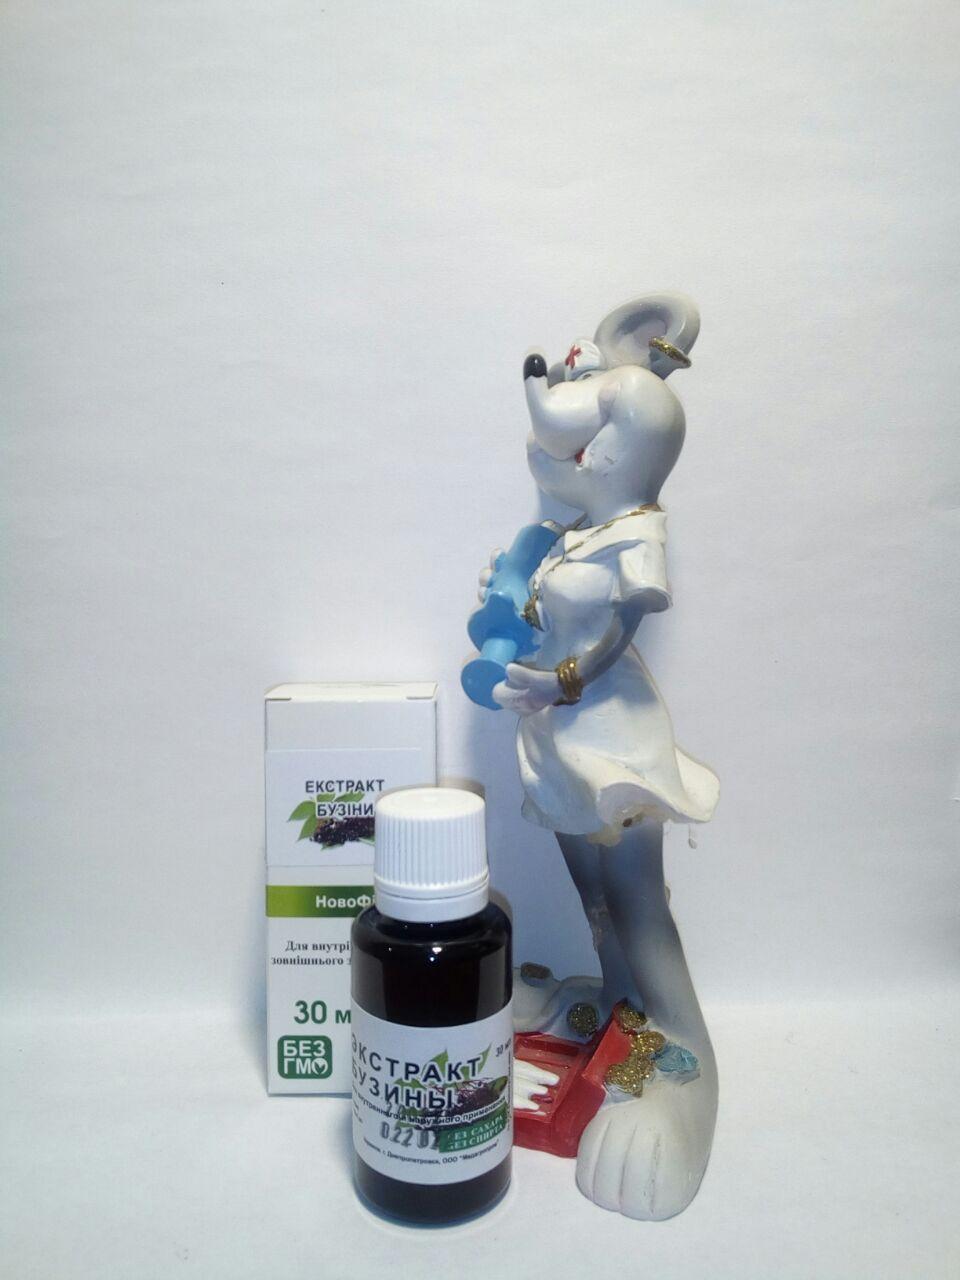 экстракт Бузины для поддержки организма при заболеваниях ОРВИ, гриппа, как мочегонное при заболеваниях почек и сердца